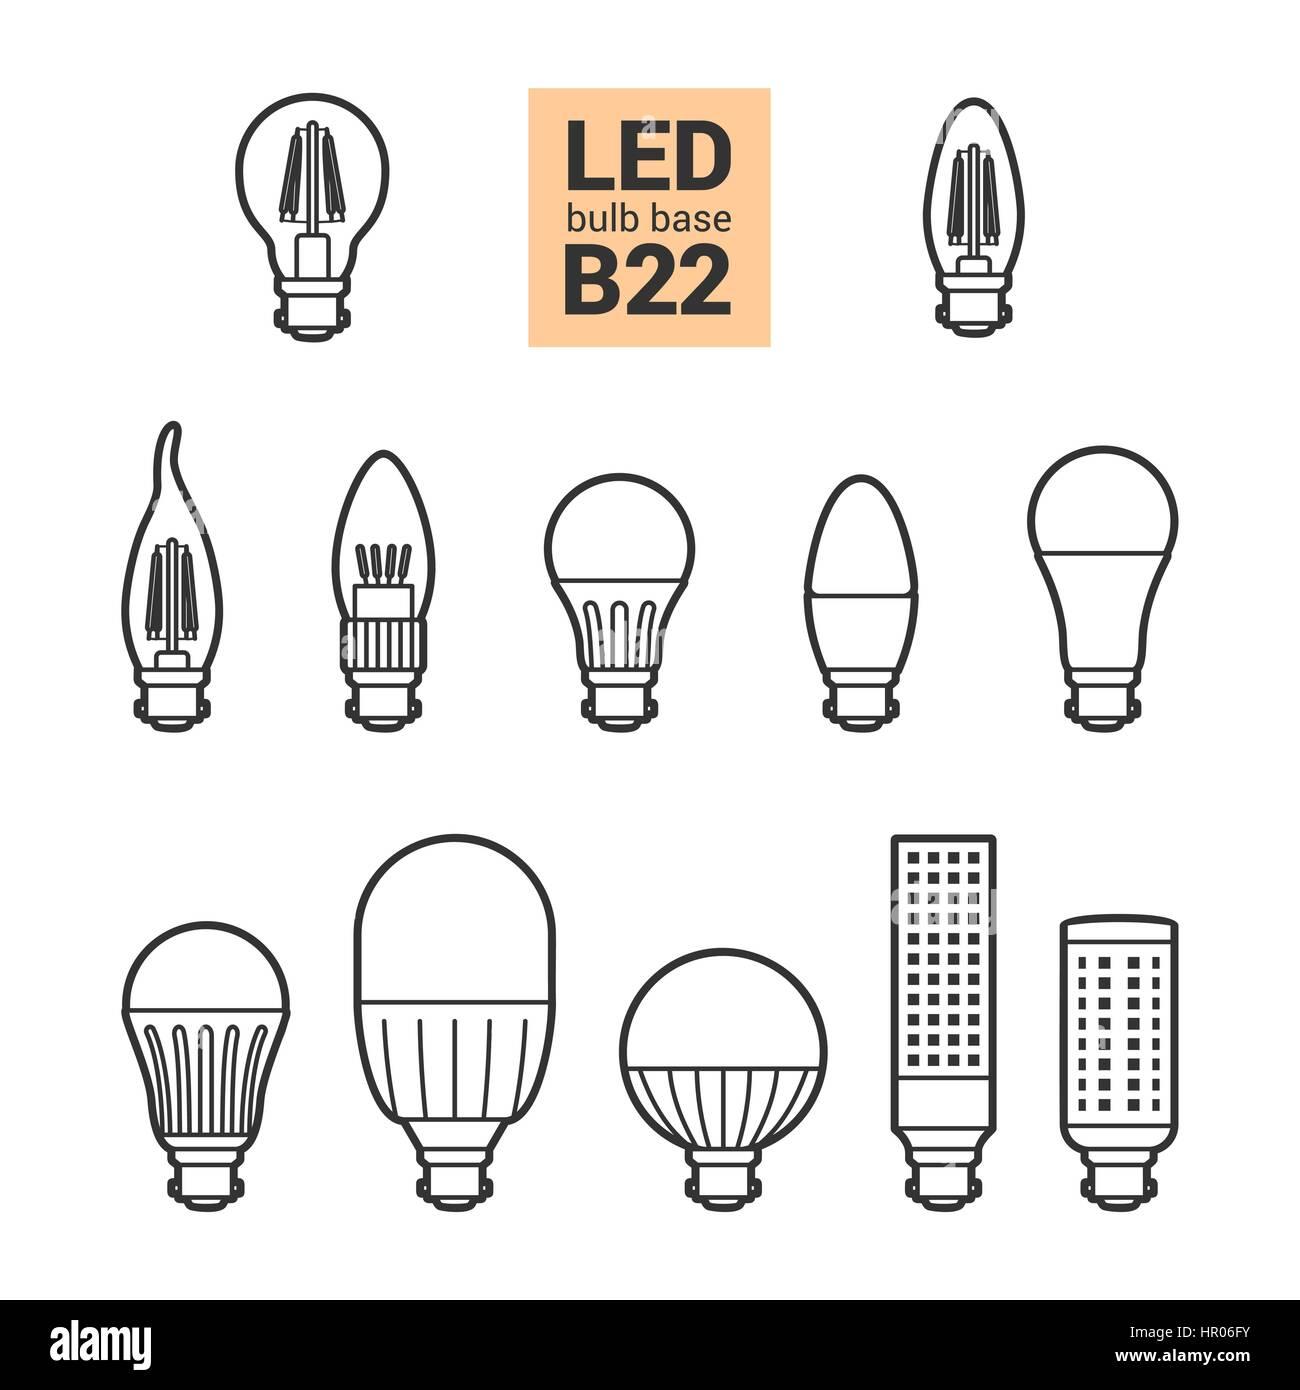 Fantastisch Basis Led Schaltplan Ideen - Elektrische Schaltplan ...